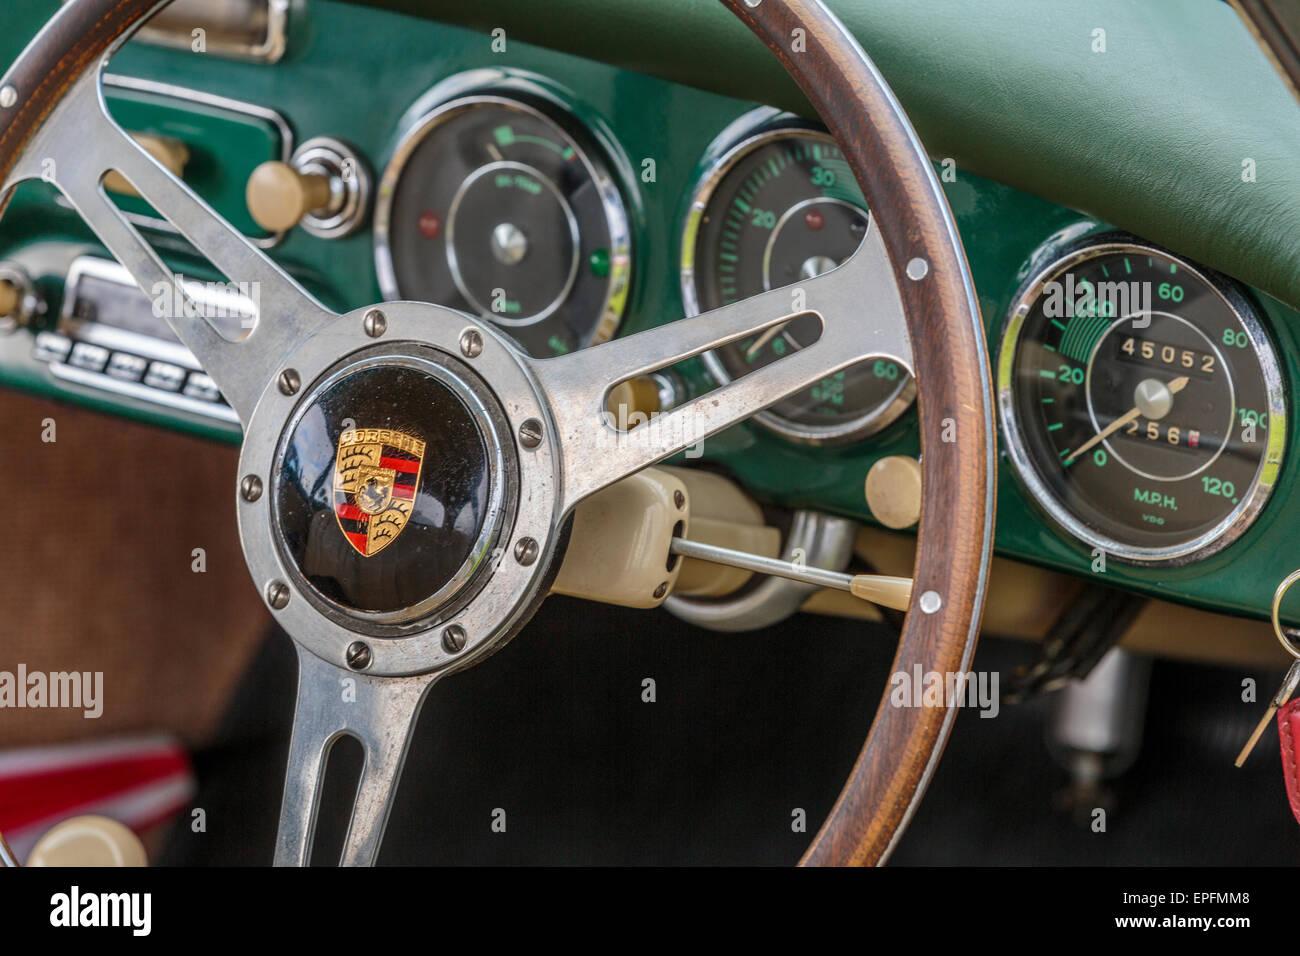 Una immagine di una Porsche 356 volante di pelle verde rivestimento del cruscotto Immagini Stock